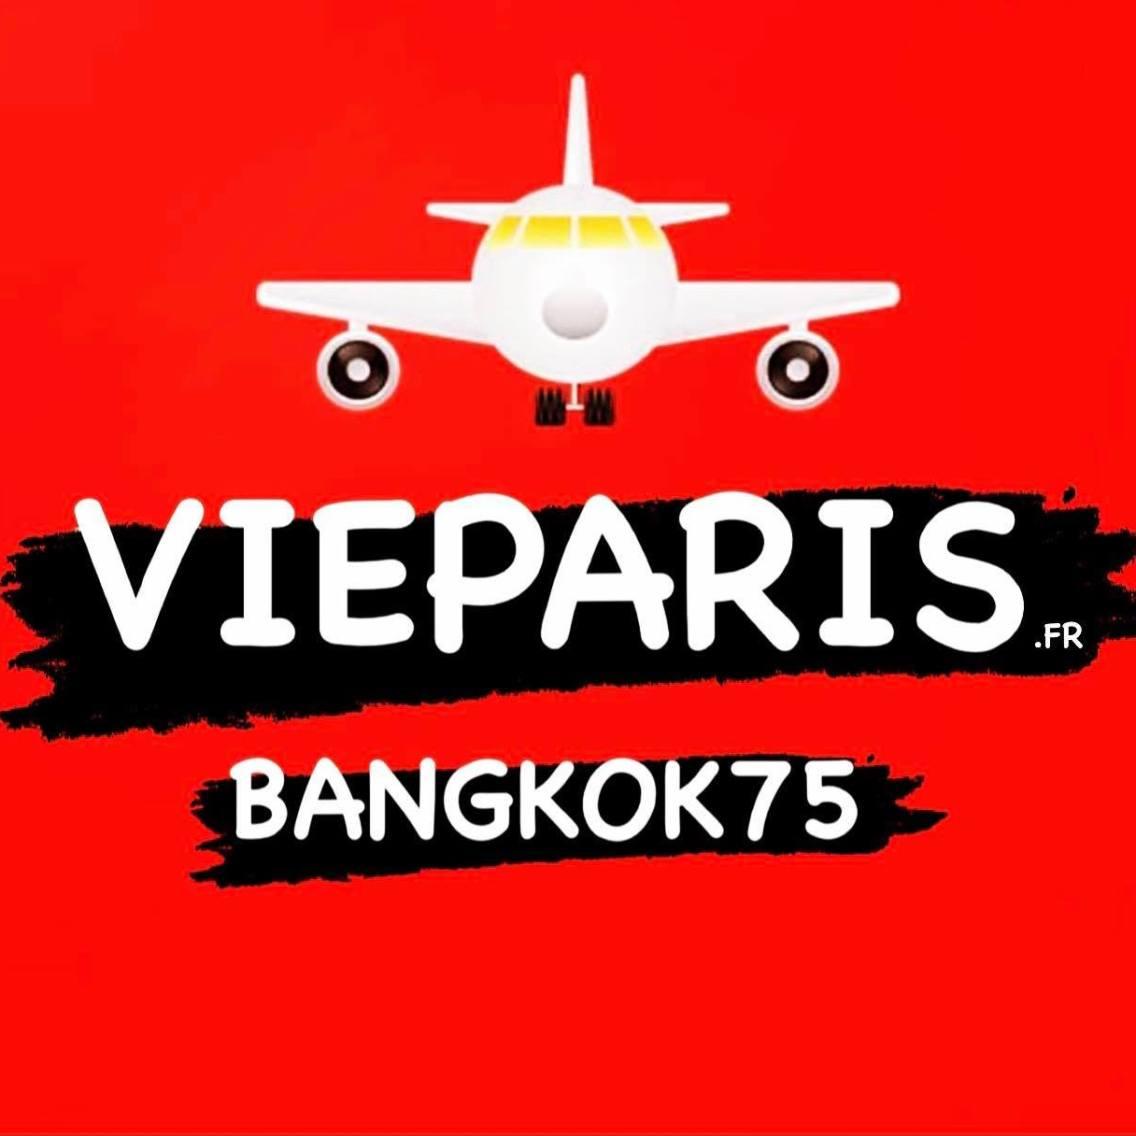 VIEPARIS Bangkok75